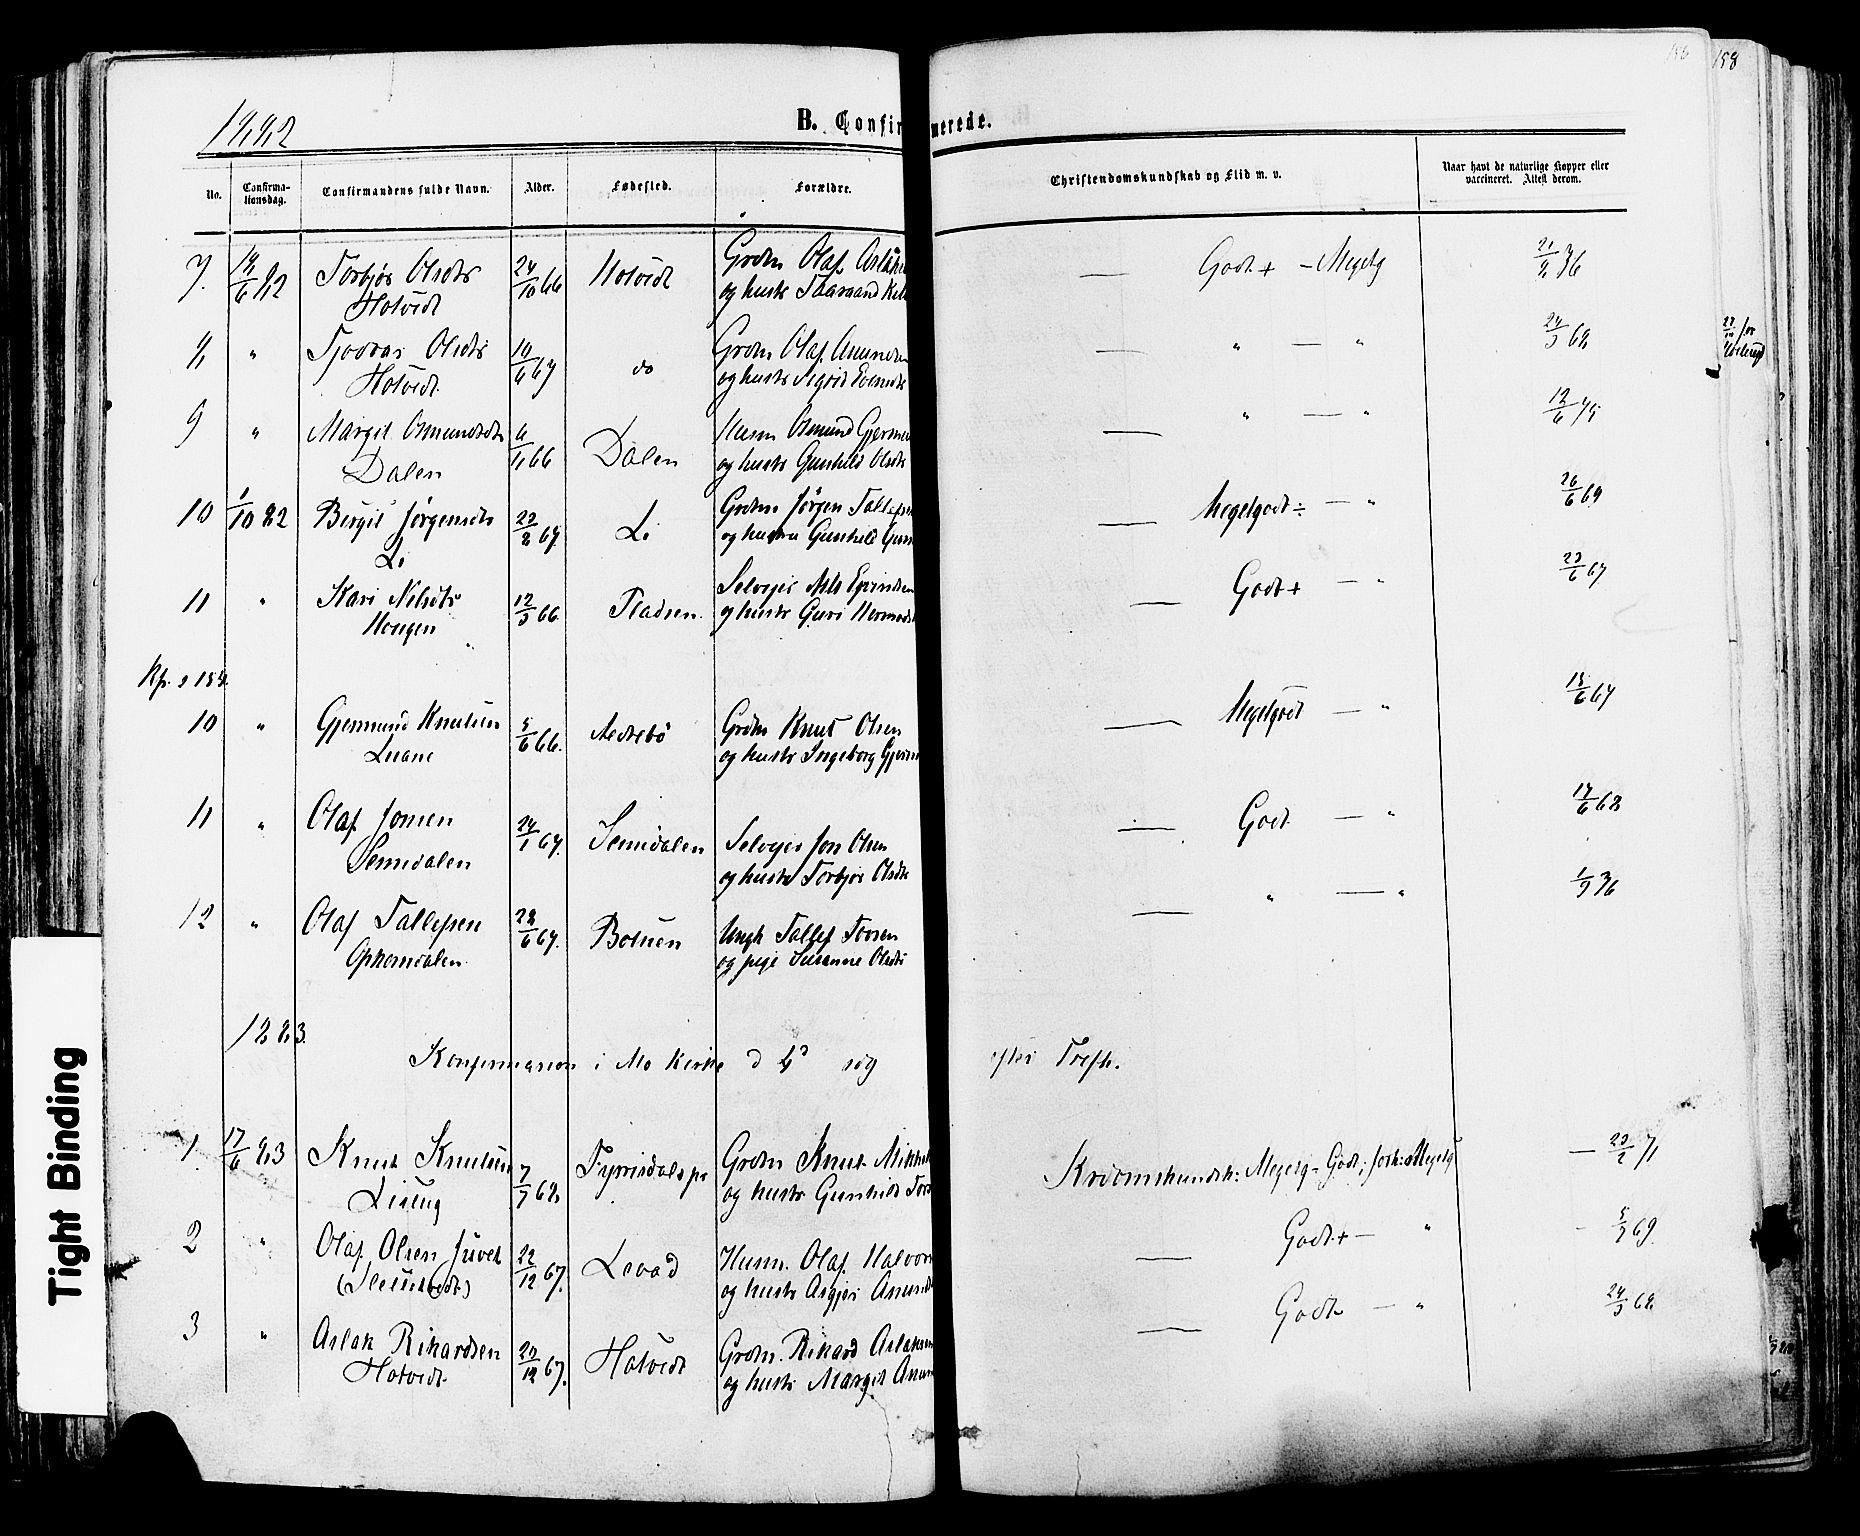 SAKO, Mo kirkebøker, F/Fa/L0006: Ministerialbok nr. I 6, 1865-1885, s. 156